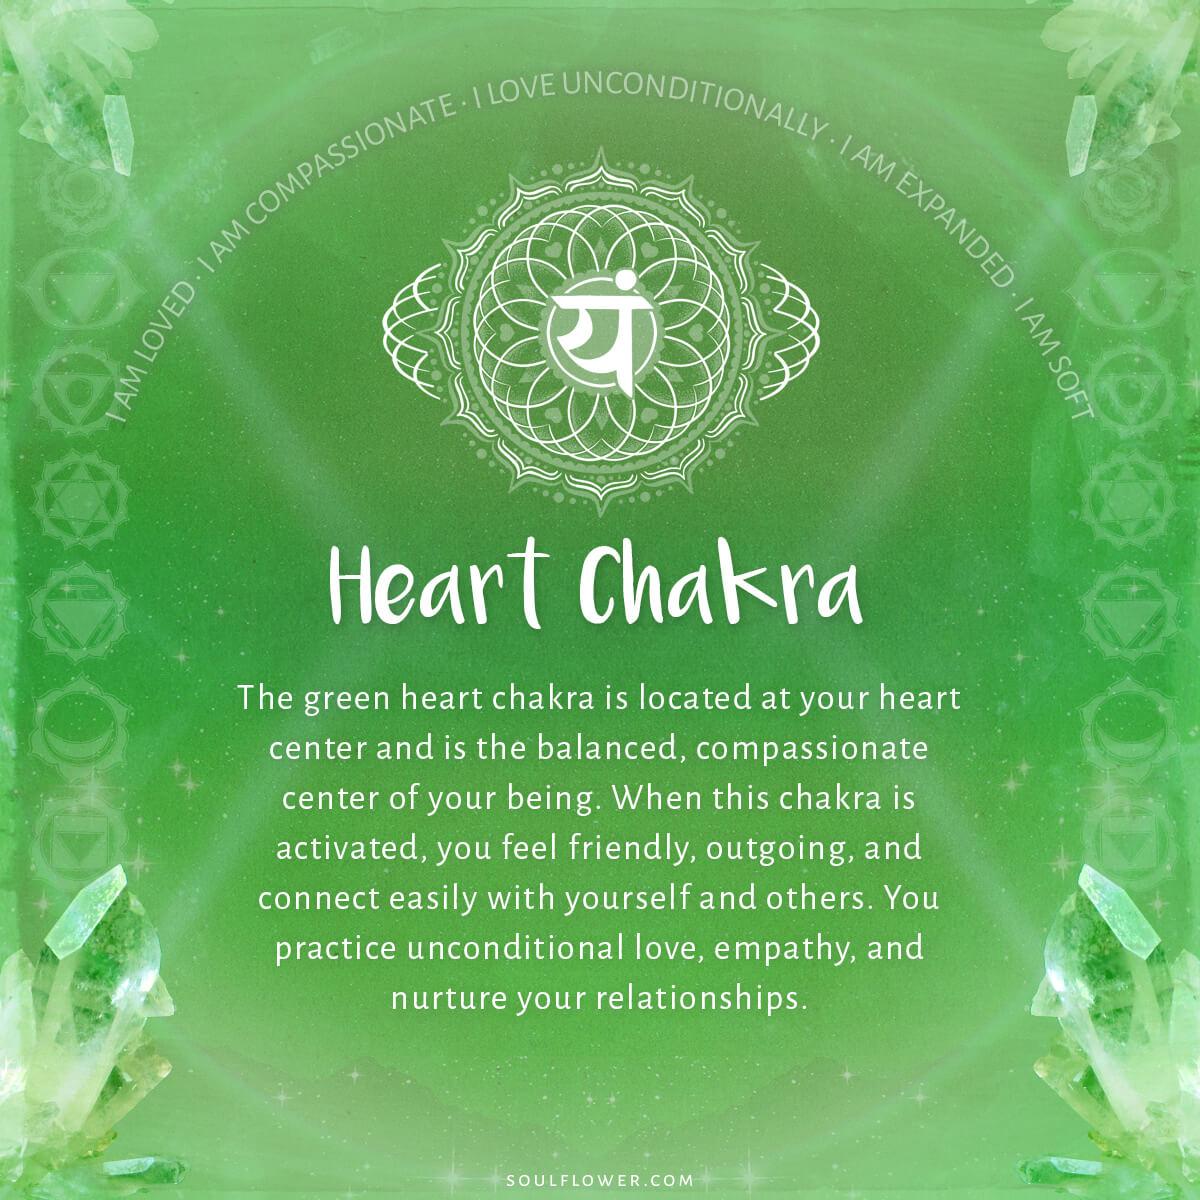 4th chakra heart - Chakra Chart Meanings